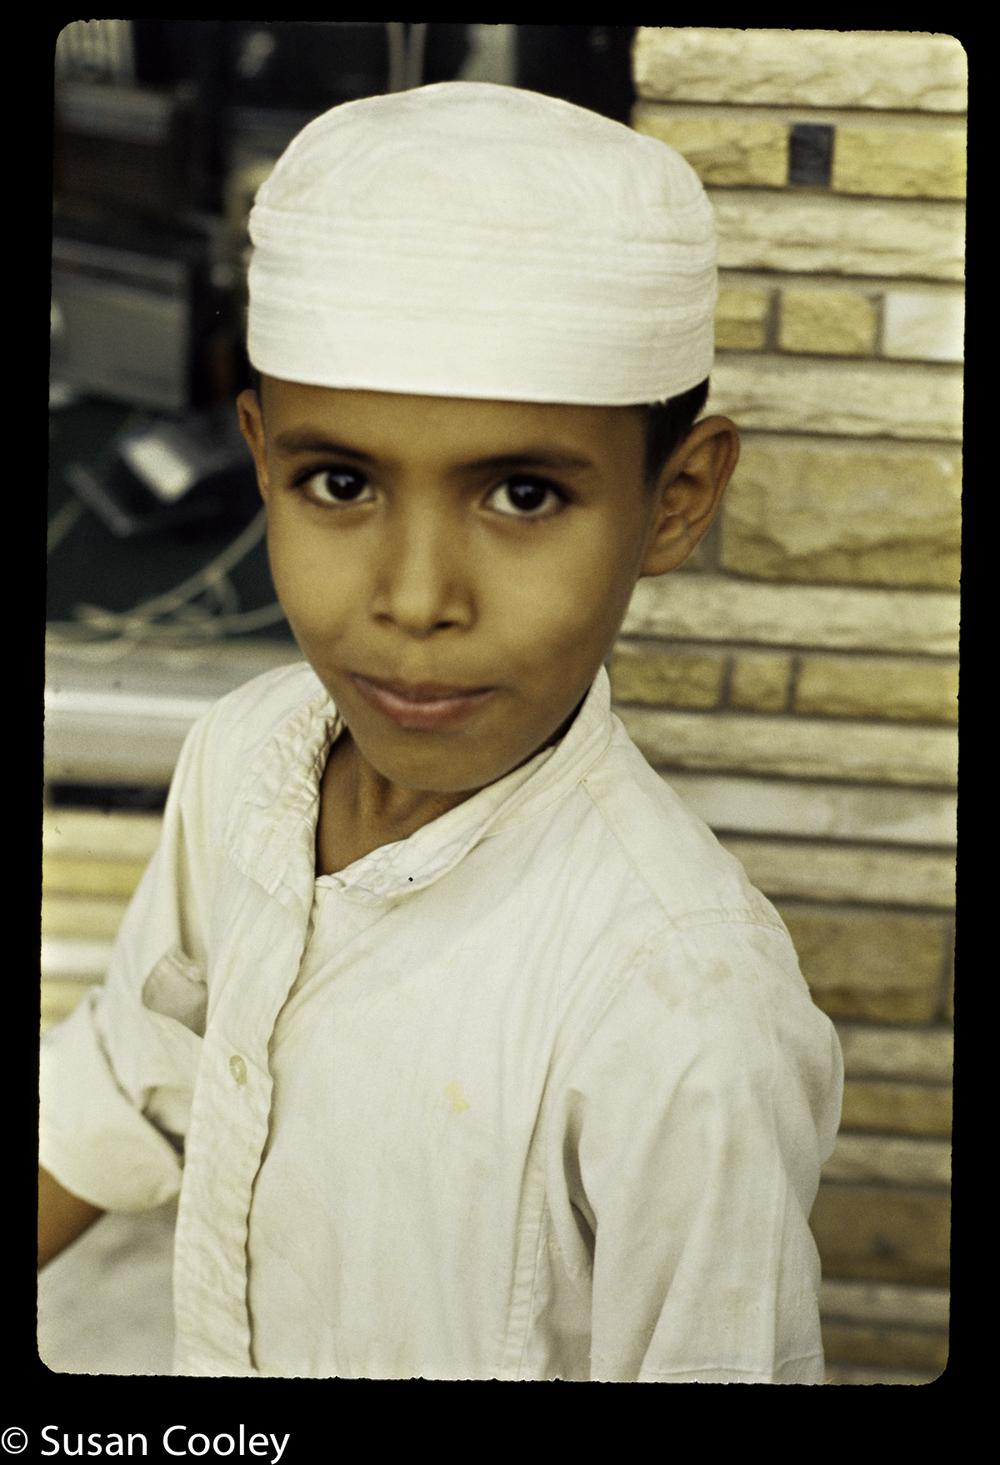 Saudi cool kid.